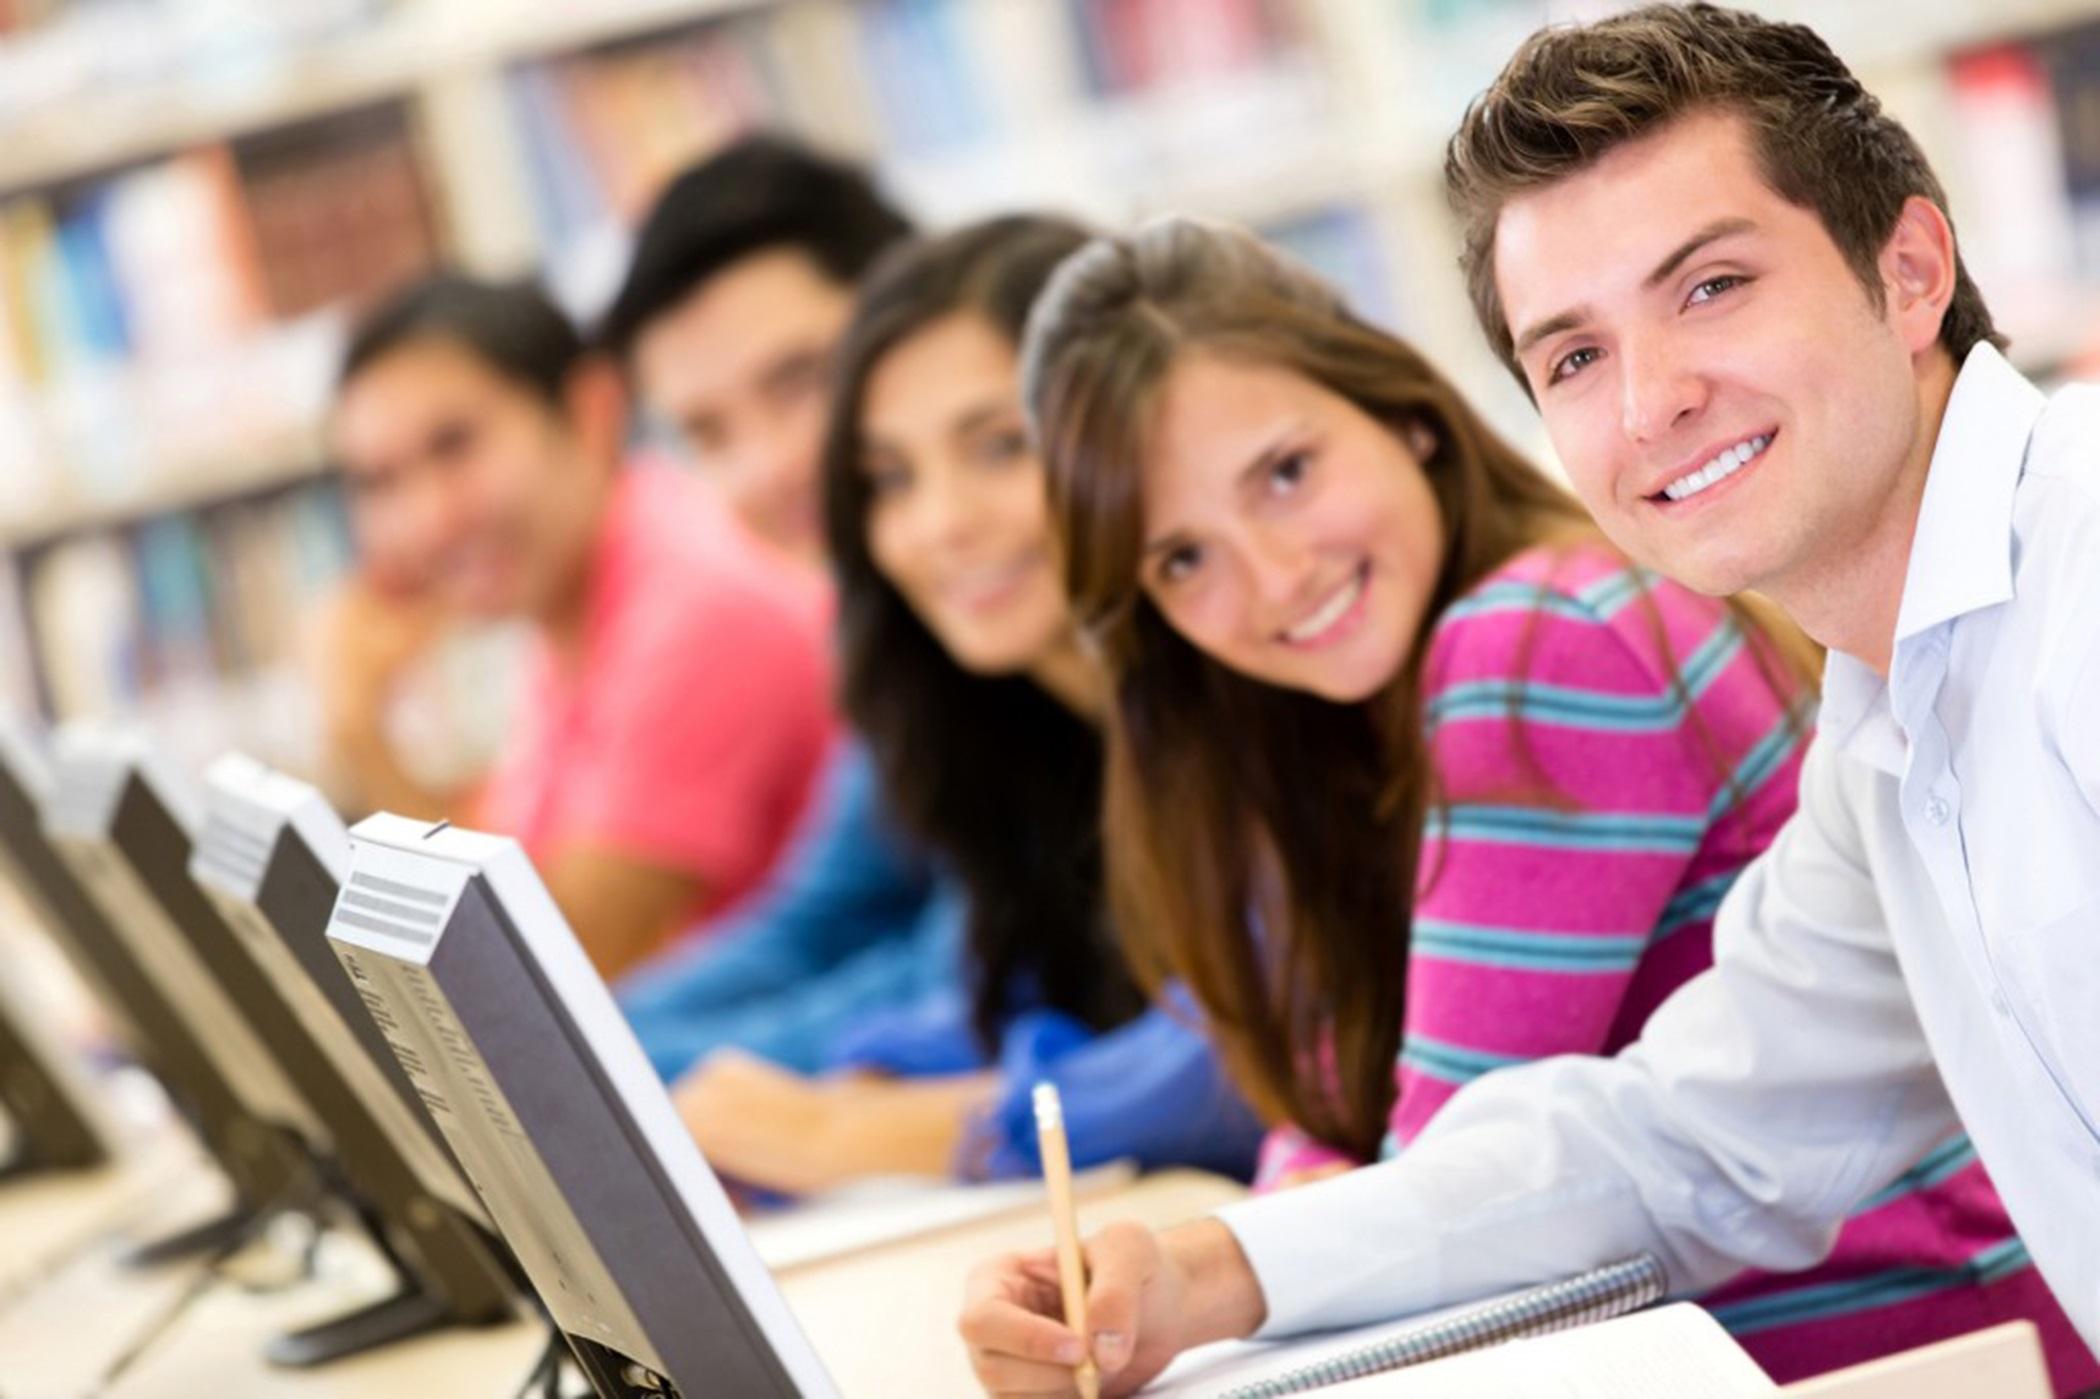 Οργανωτικό Πλαίσιο και Λειτουργία Δομών Επαγγελματικής Εκπαίδευσης και Κατάρτισης (ΕΕΚ)